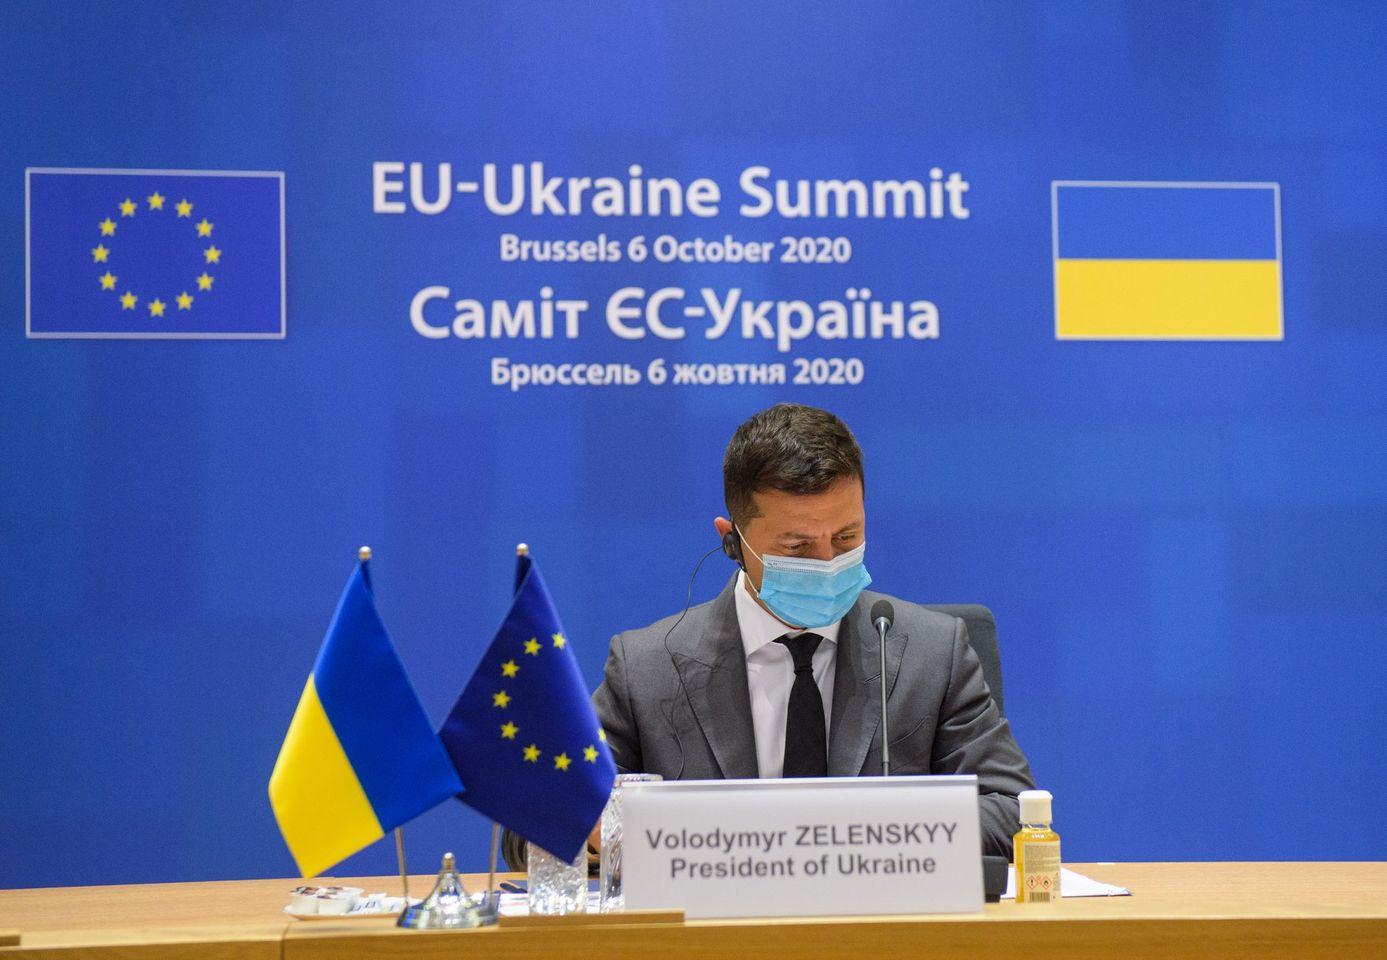 Зеленский отреагировал на просьбу к Путину помочь Украине с вакциной от коронавируса